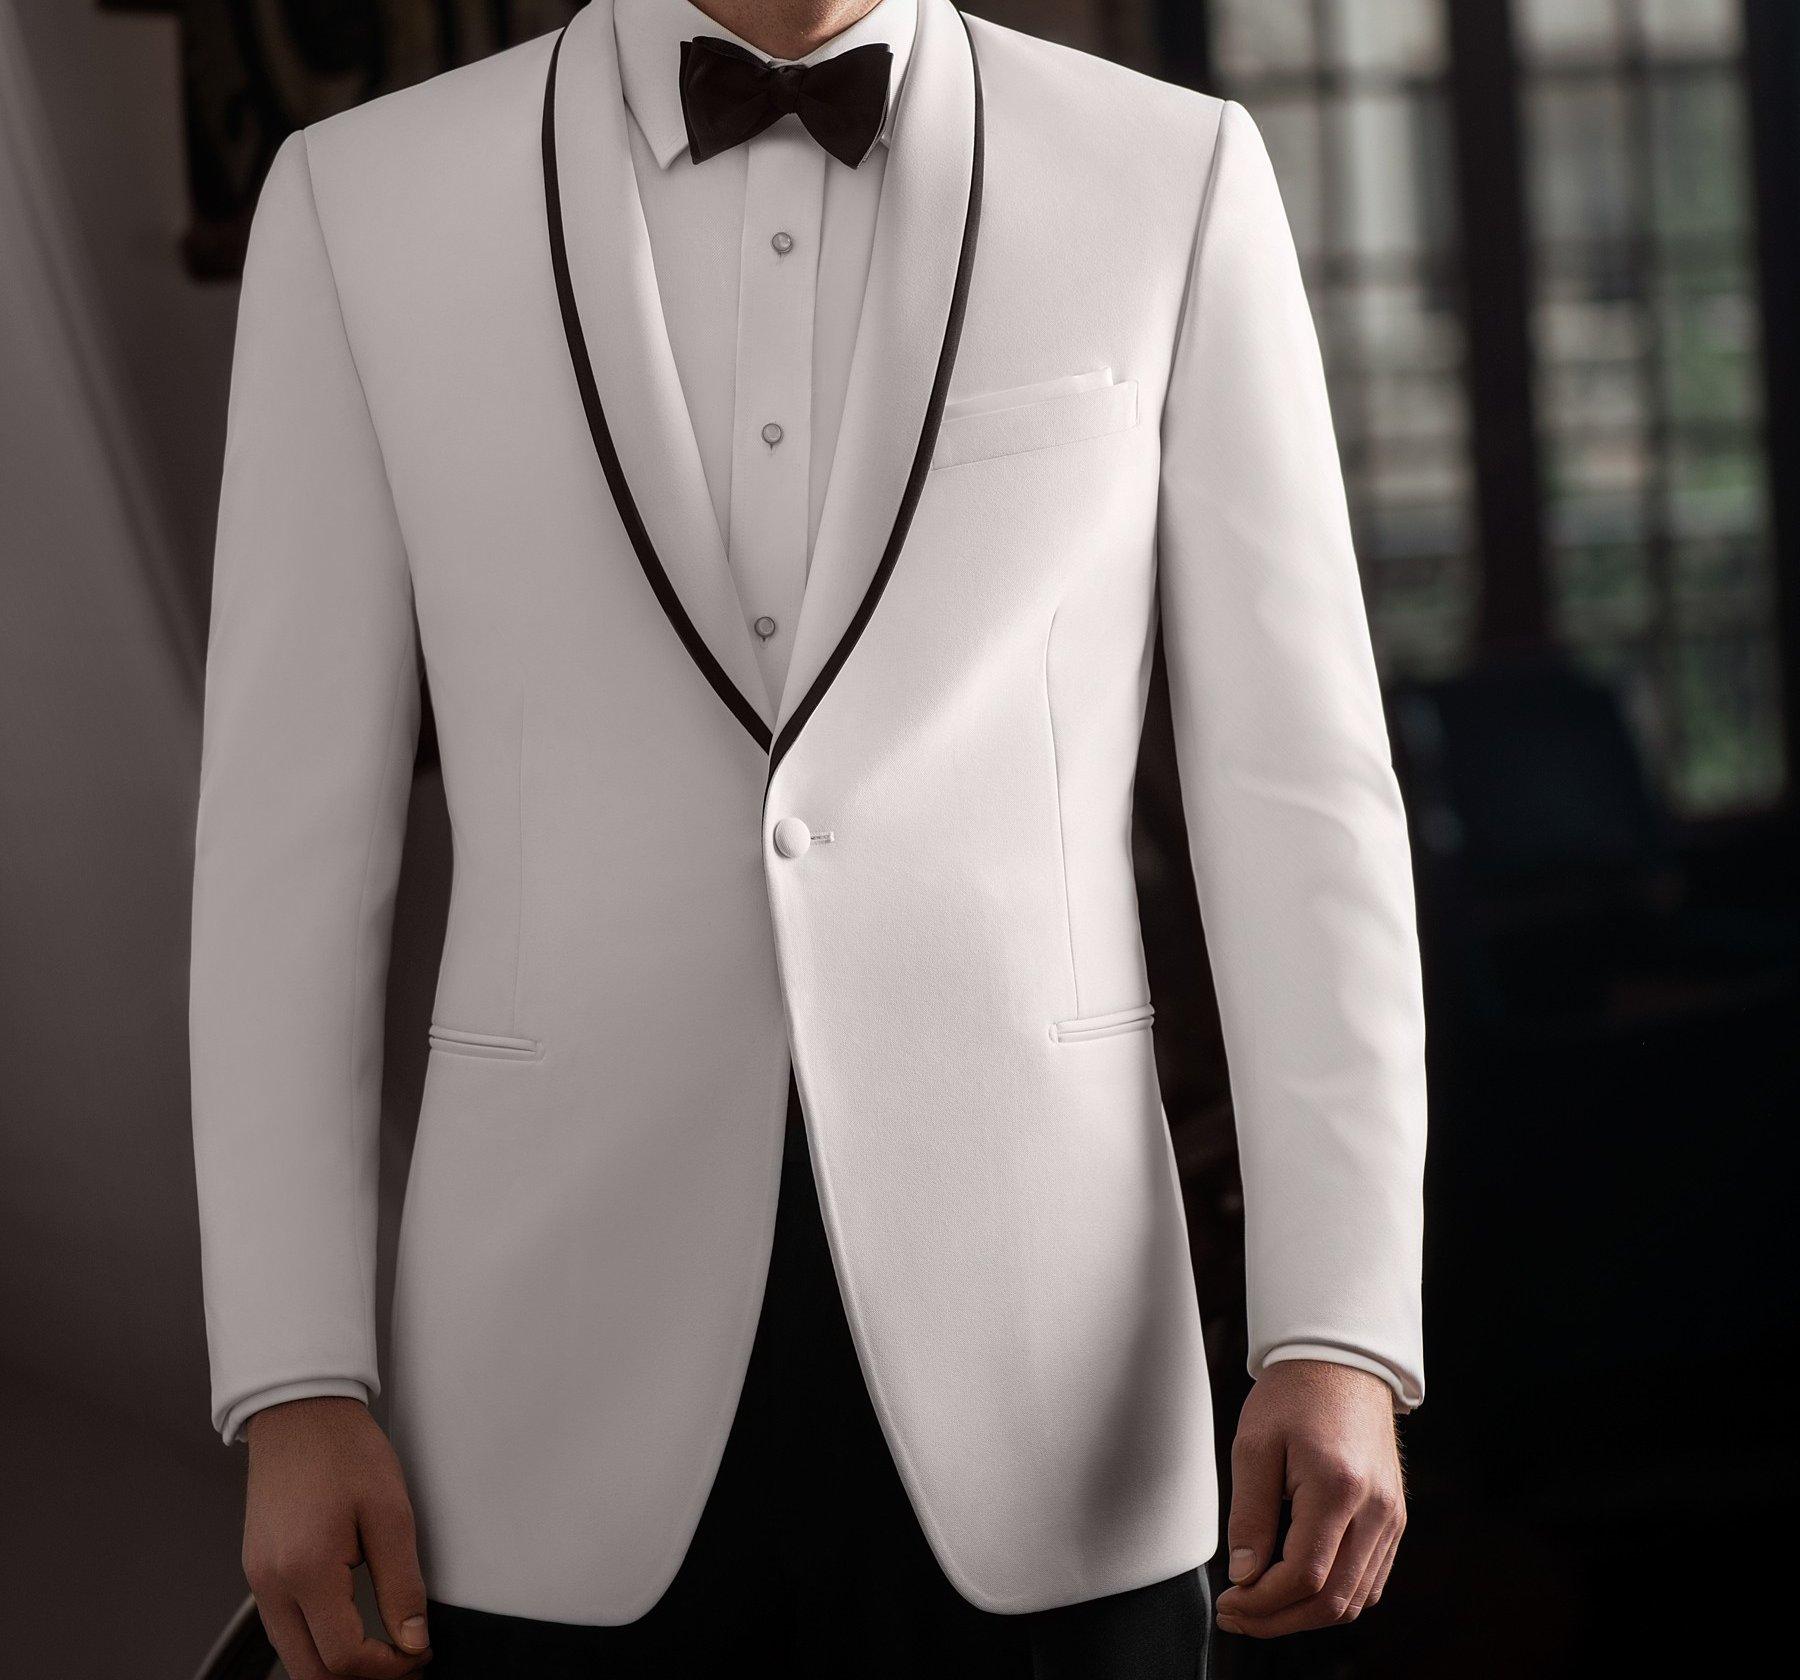 White Dinner Jacket – tuxedo vs suit